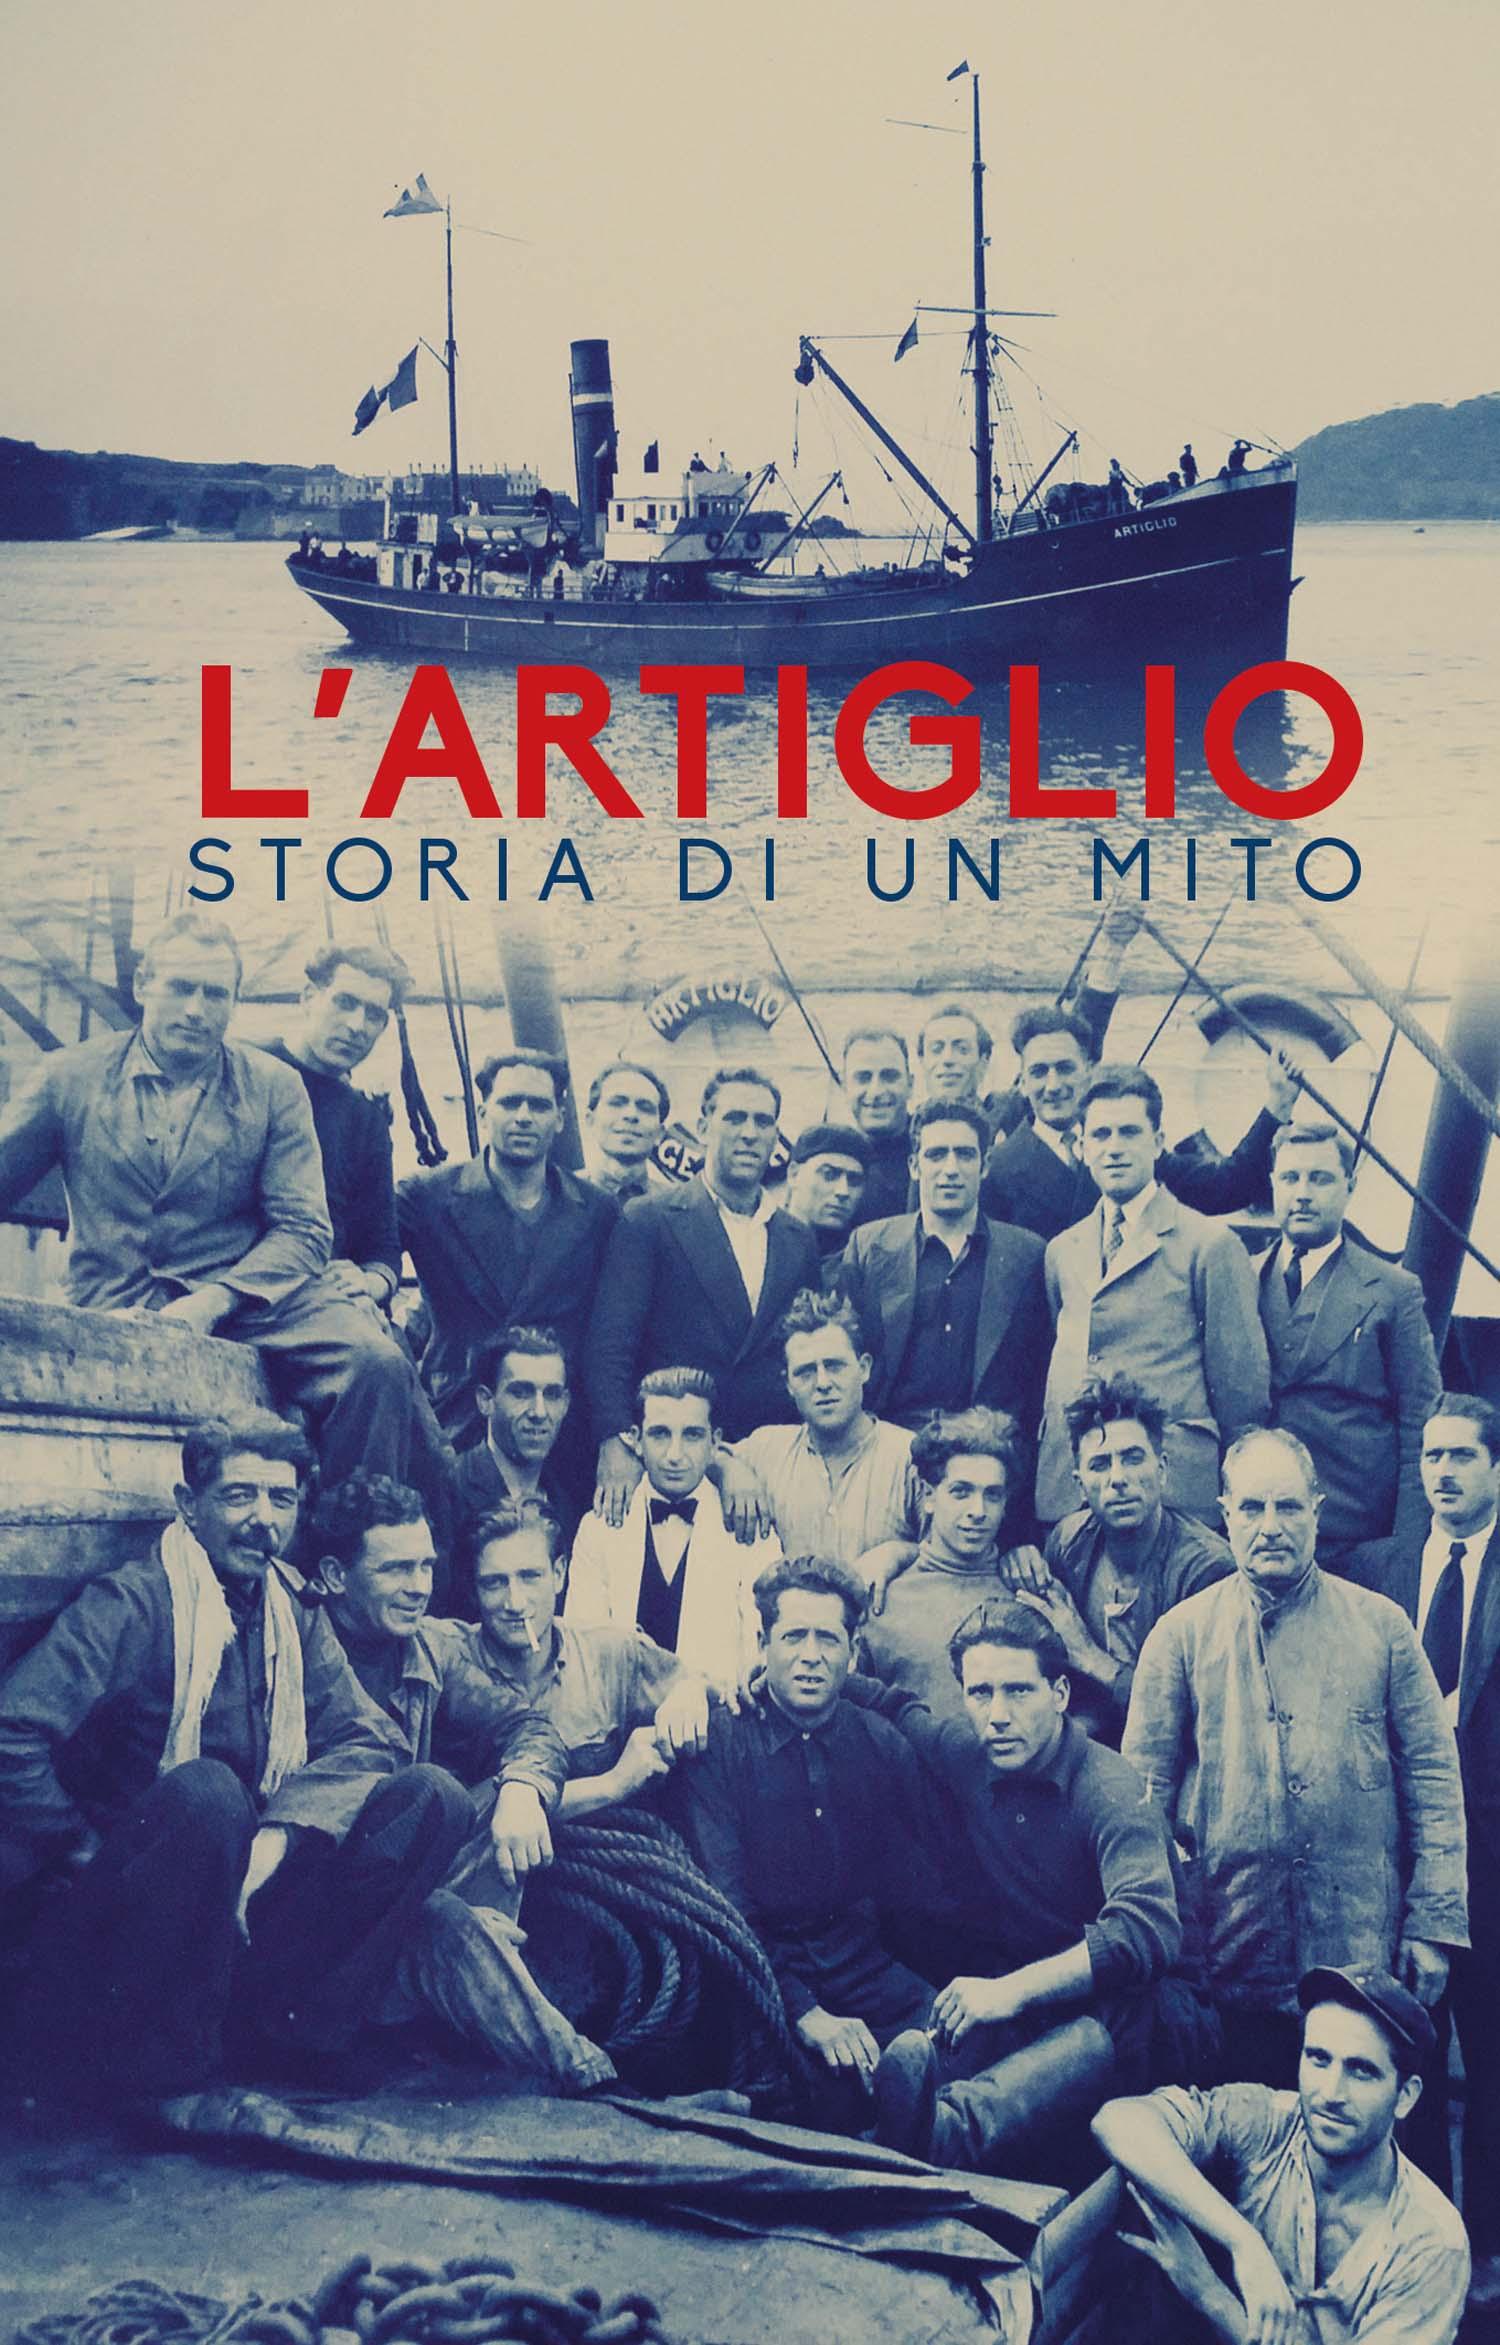 L'ARTIGLIO - STORIA DI UN MITO (DVD)